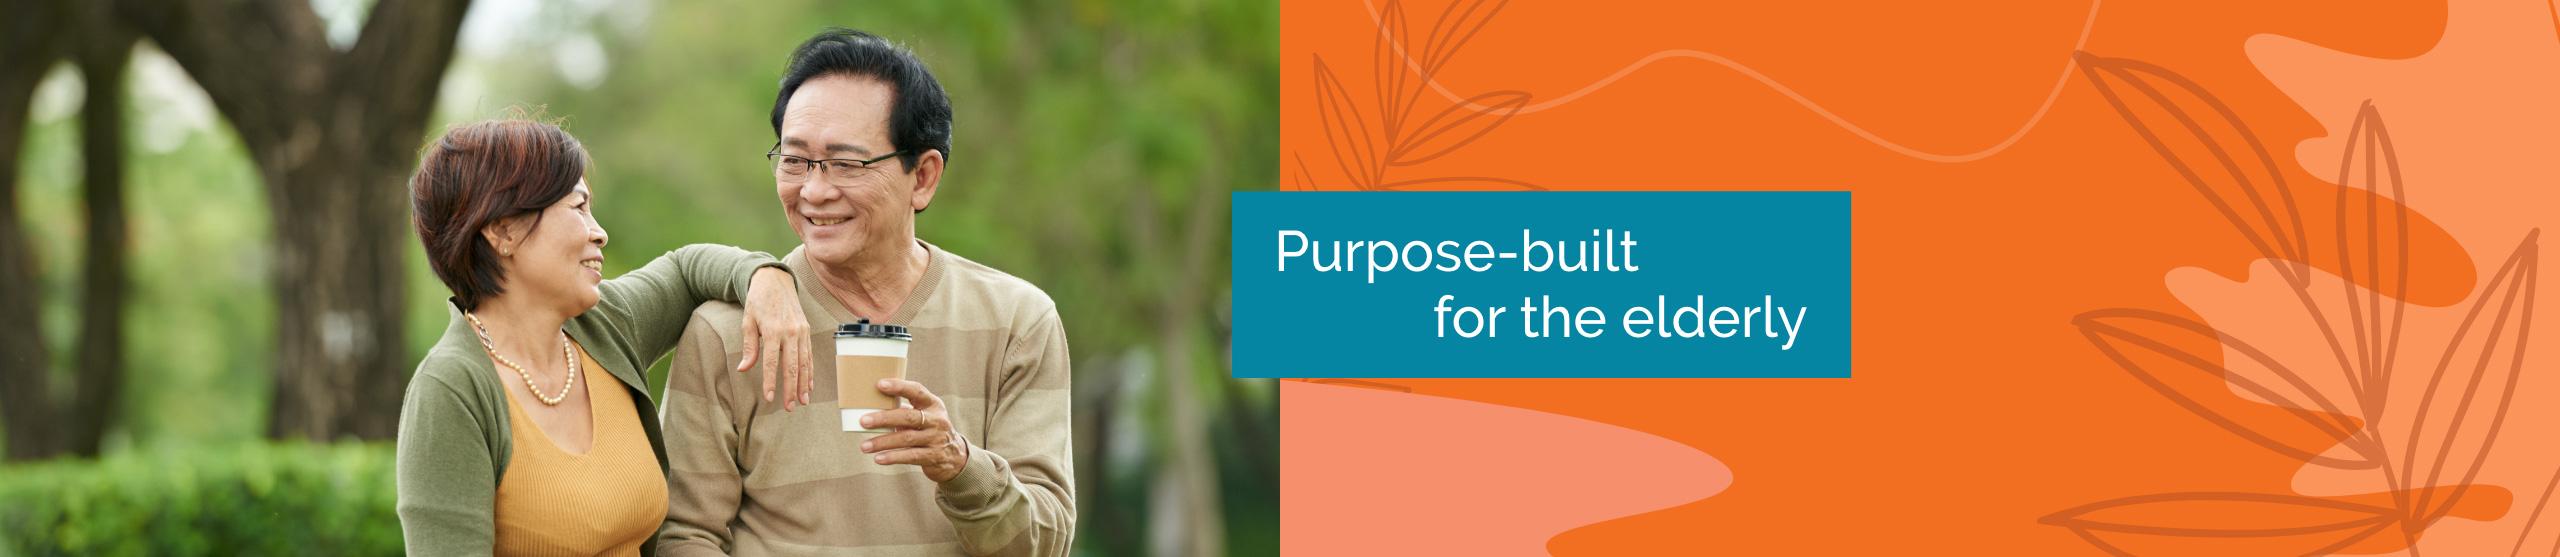 Purpose-Built for the Elderly